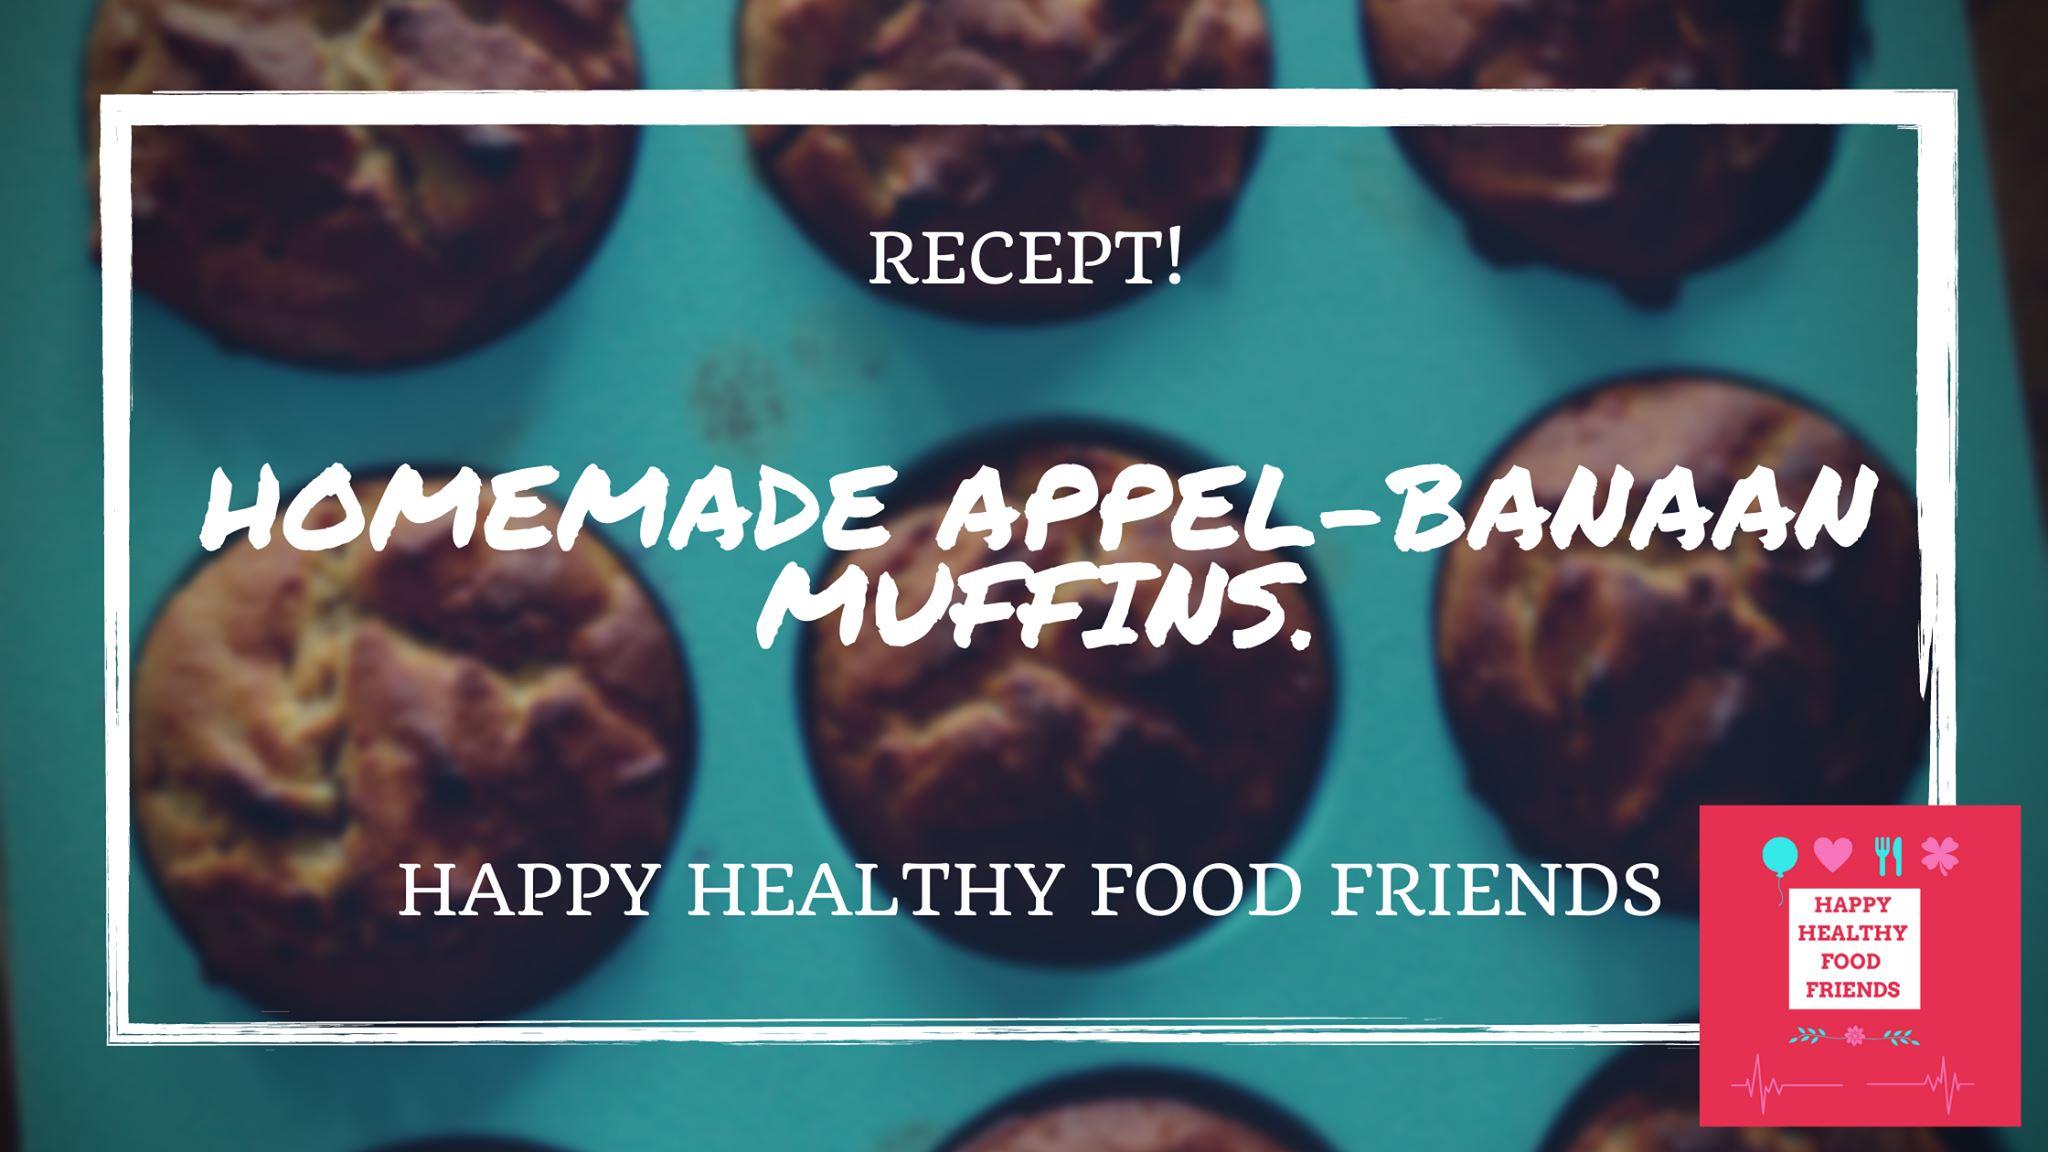 Appel-banaan muffin